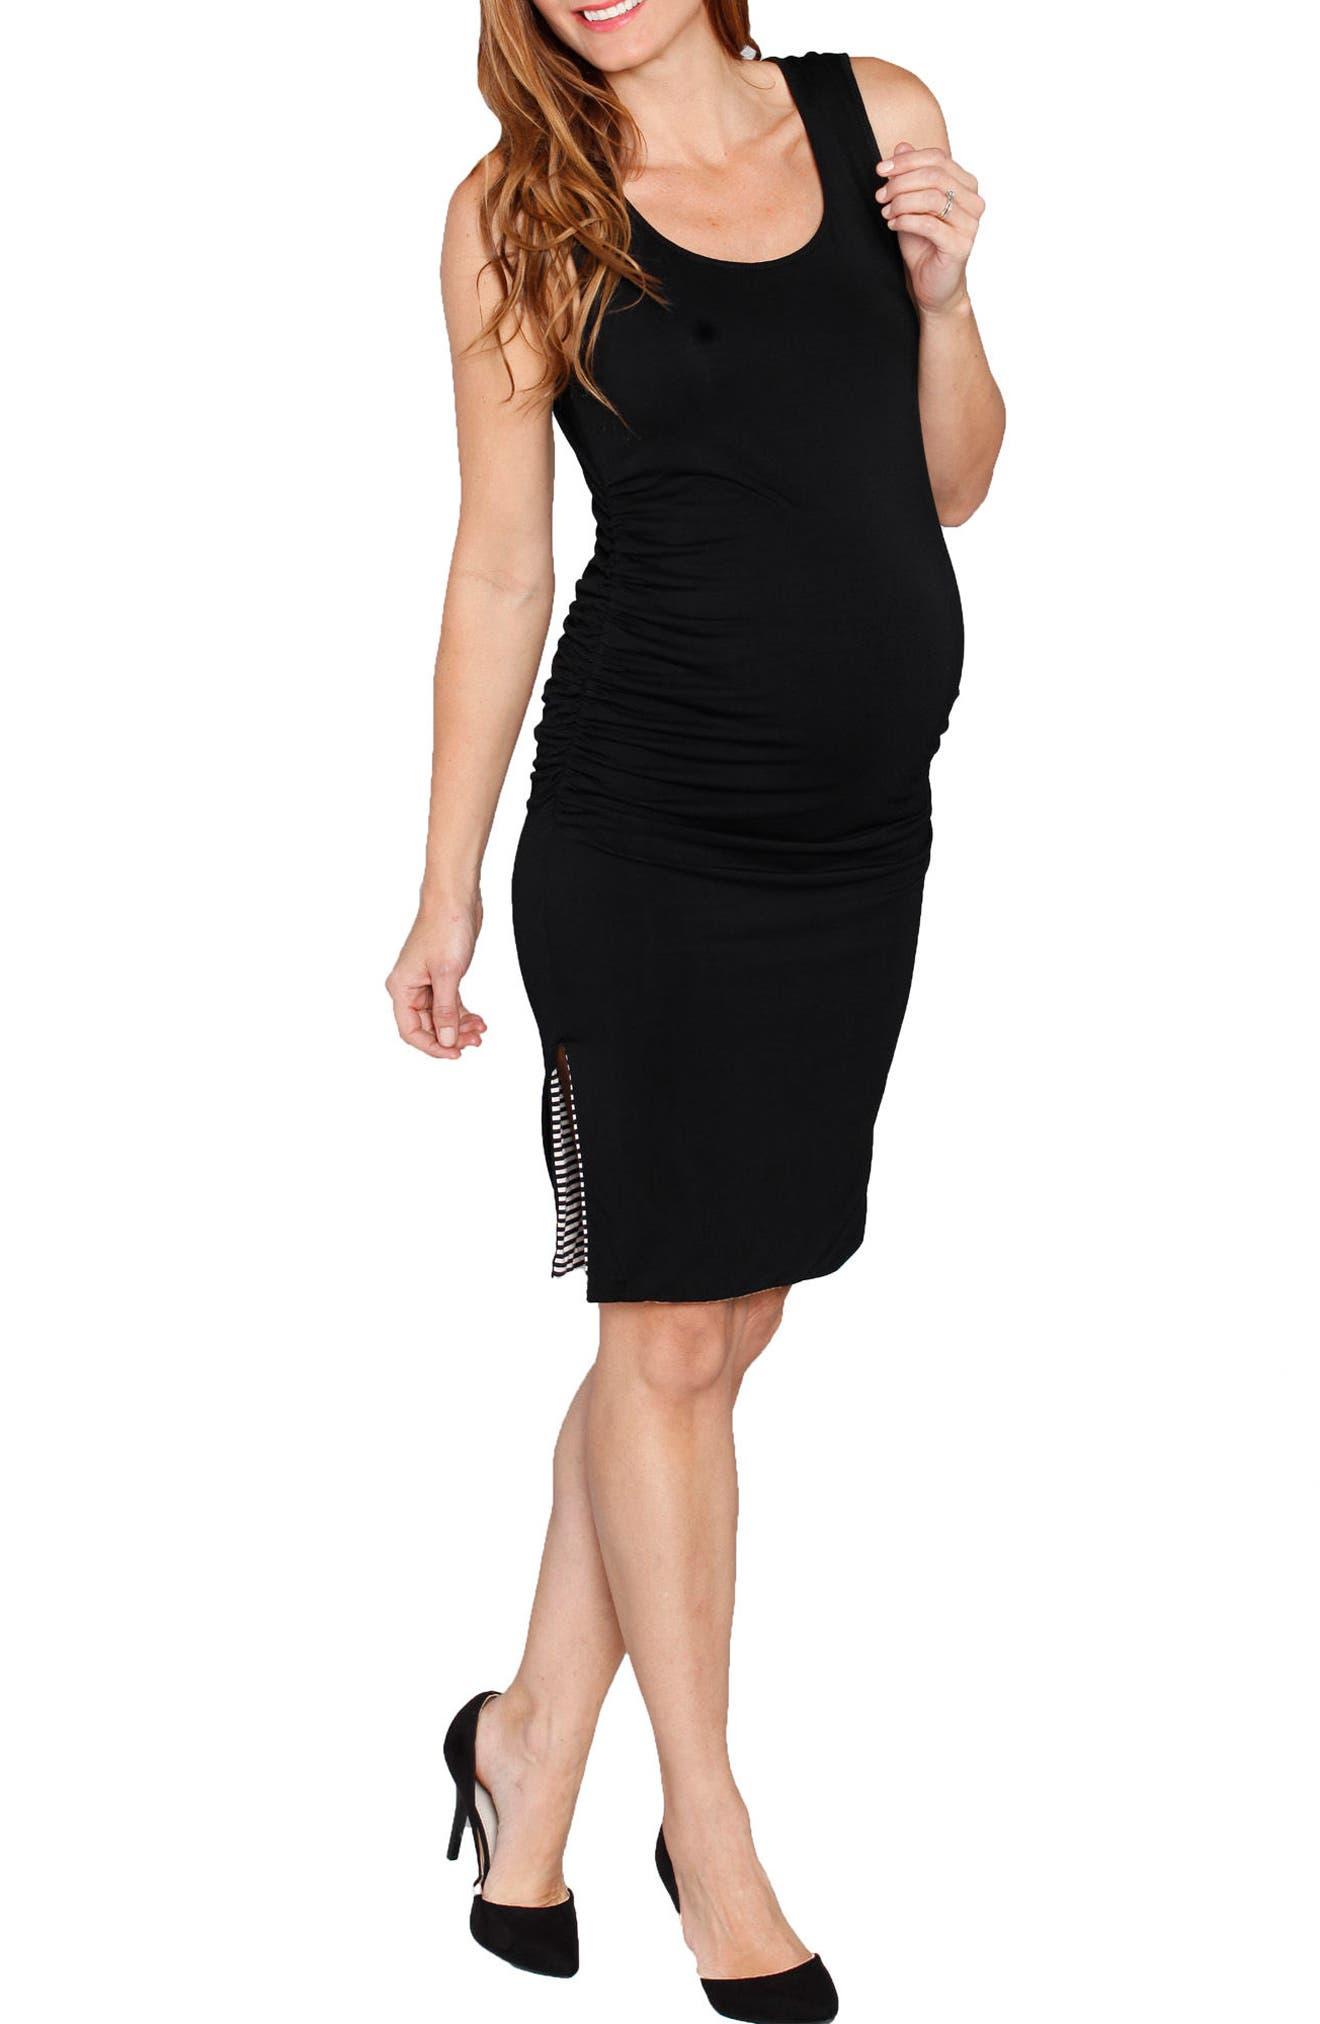 Reversible Maternity Tank Dress,                             Main thumbnail 1, color,                             STRIPES